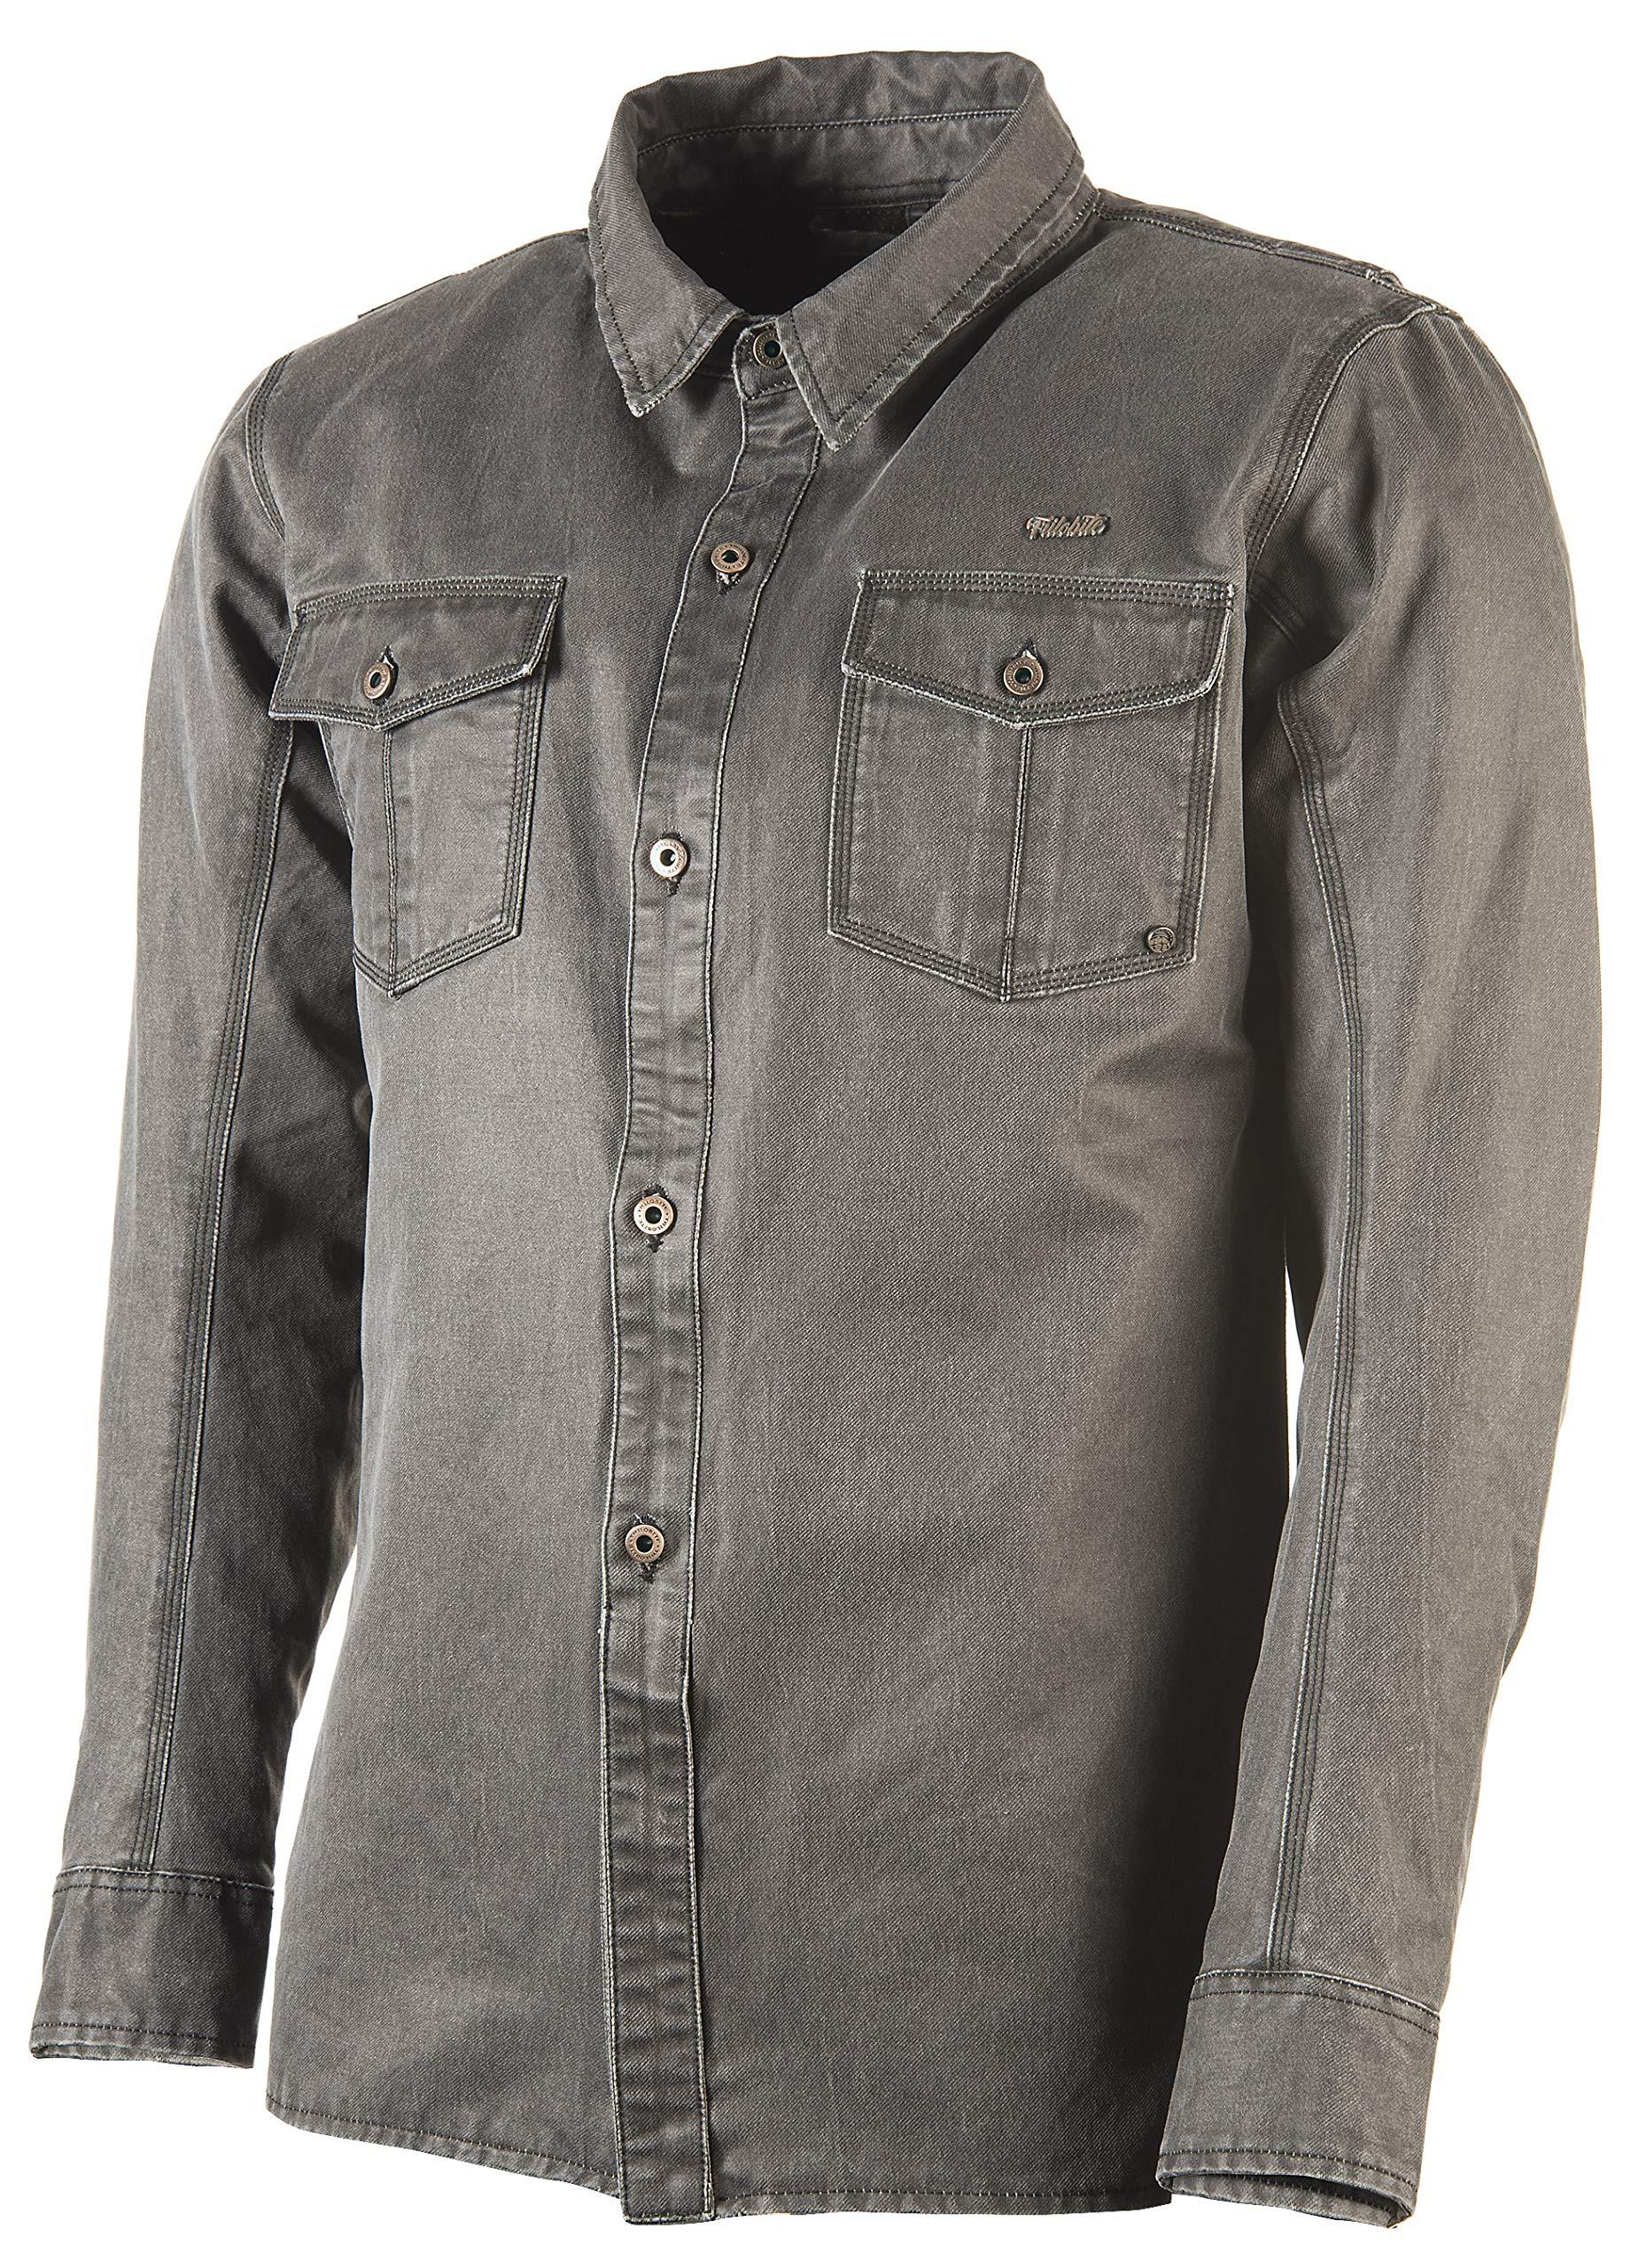 Trilobite 1870 Distinct Shirt (XXLarge) (GREY) by Trilobite